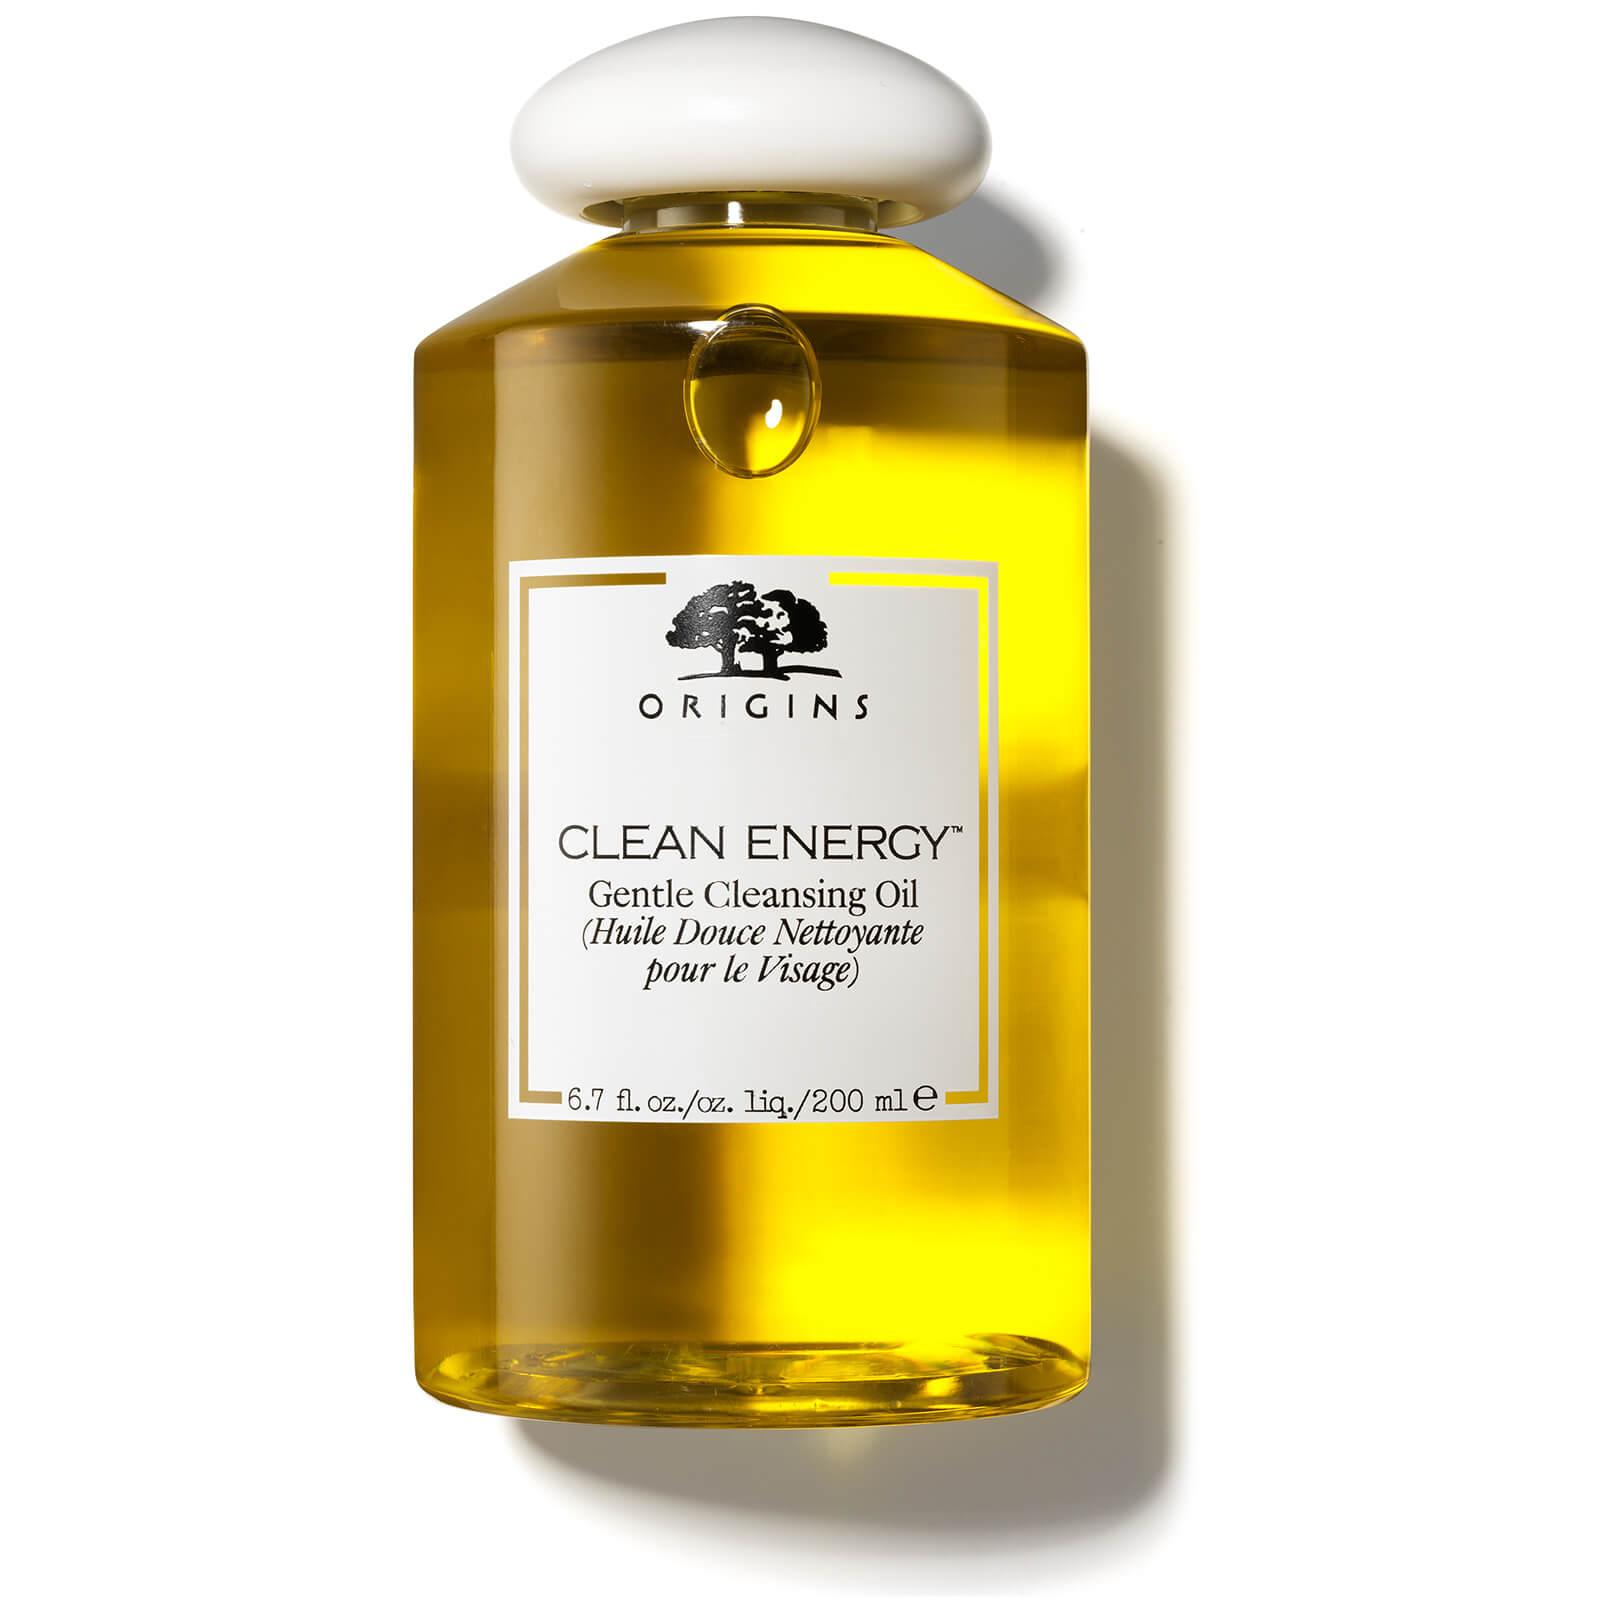 洗臉就是最好的保養,讓肌膚徹底潔淨,滋潤有光澤